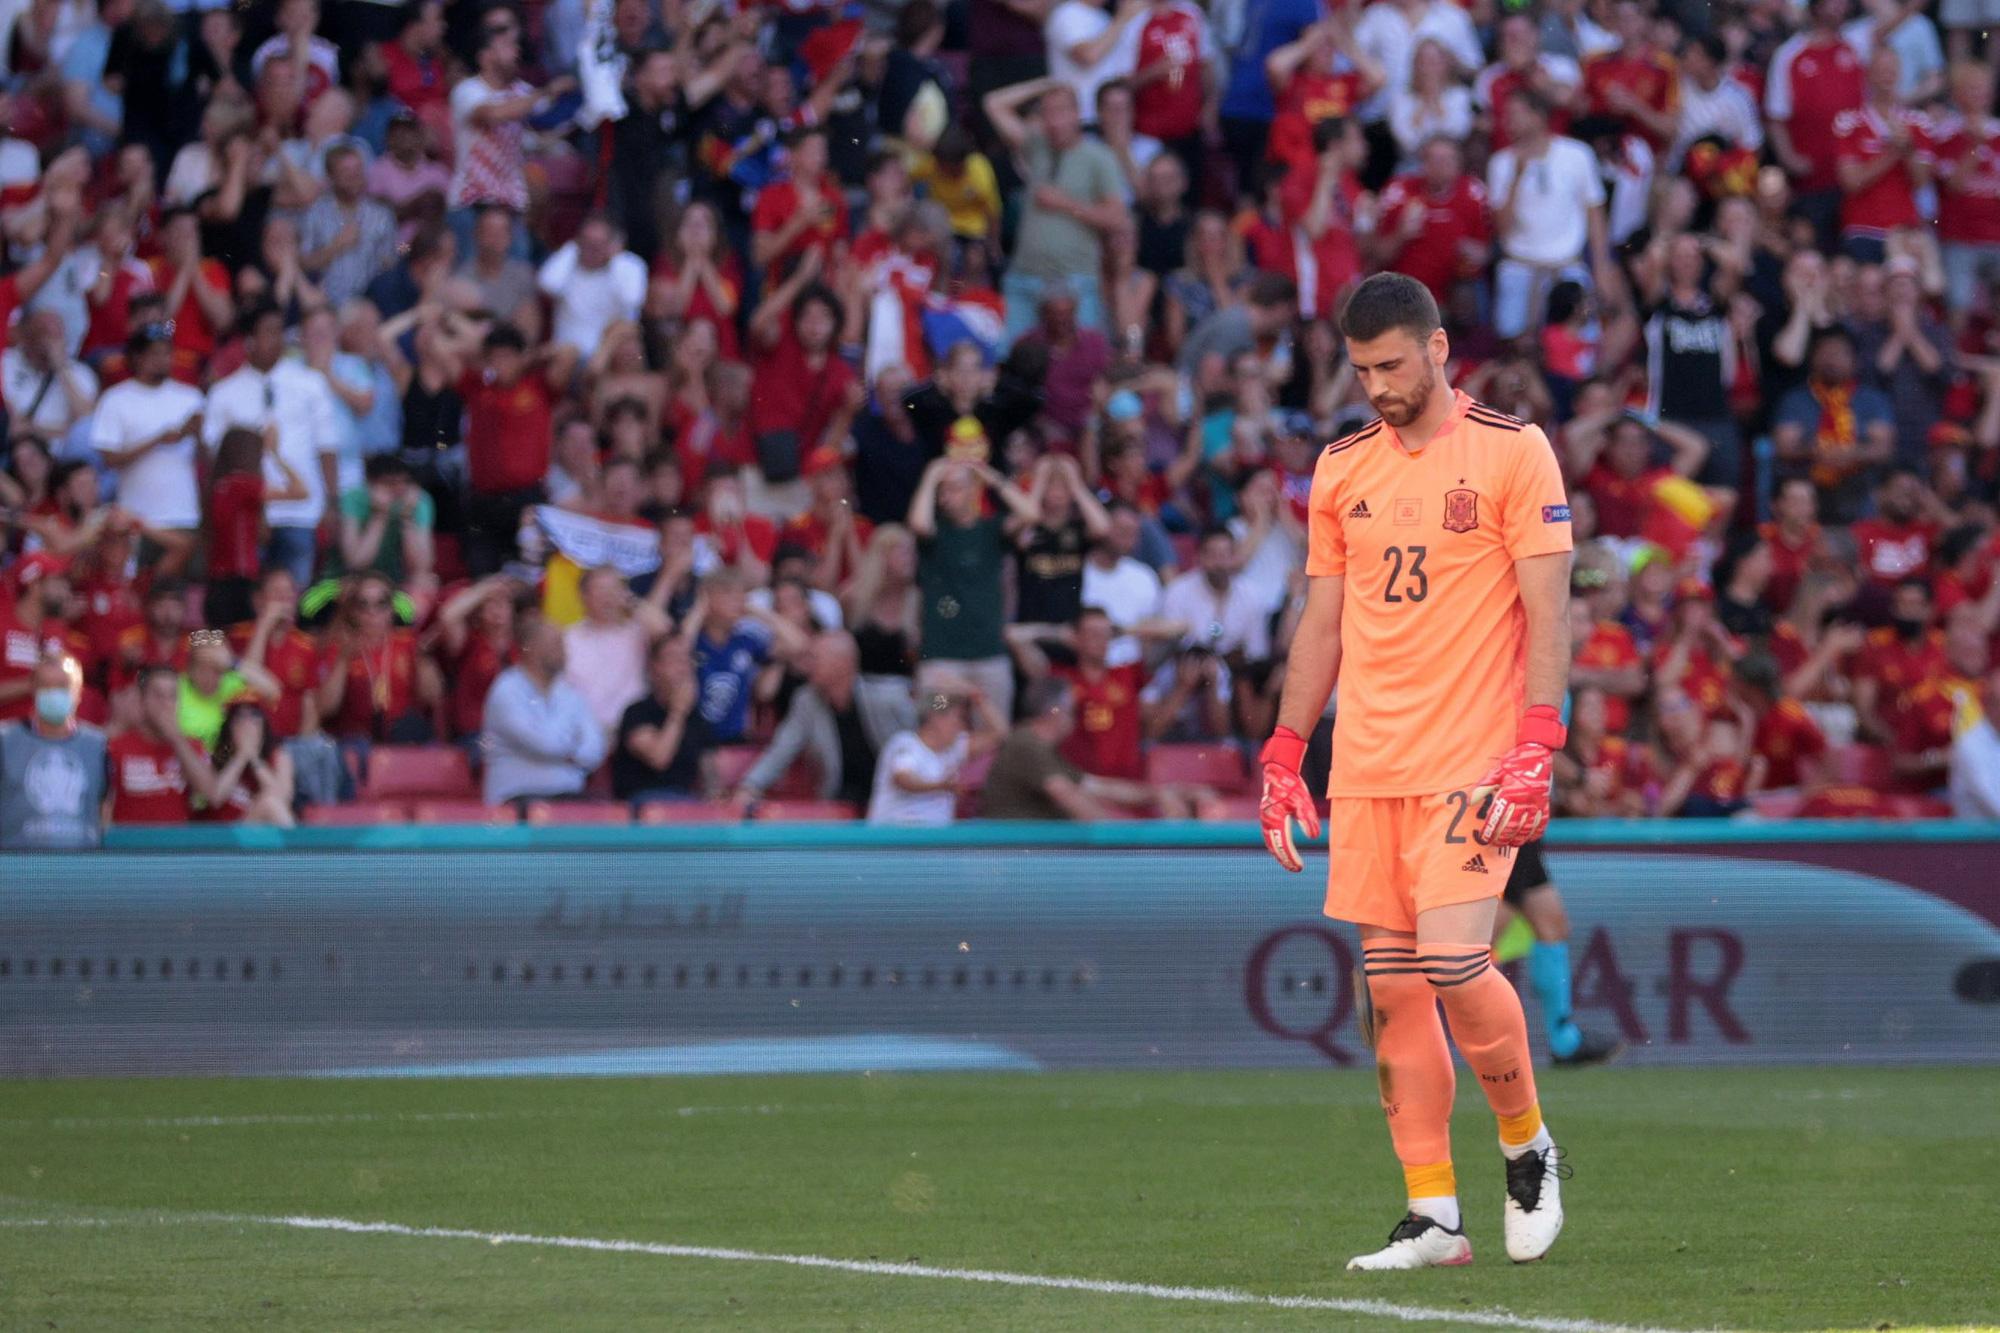 """Nhìn lại 11 tình huống """"đốt lưới nhà"""" của các cầu thủ tại Euro 2020 - Ảnh 9."""